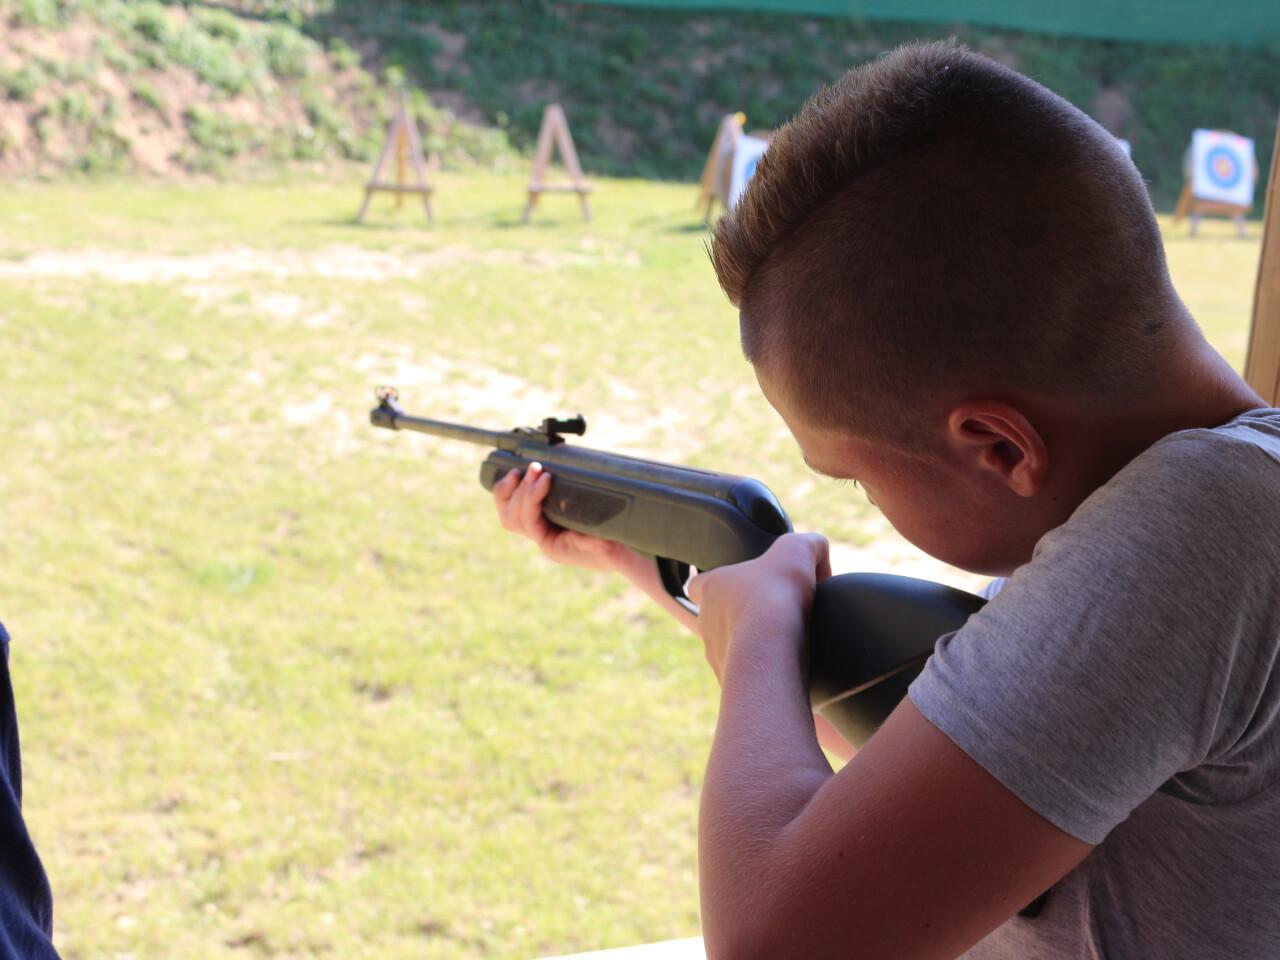 Tir à la carabine à air comprimé et à la sarbacane n'est actuellement pas réservable